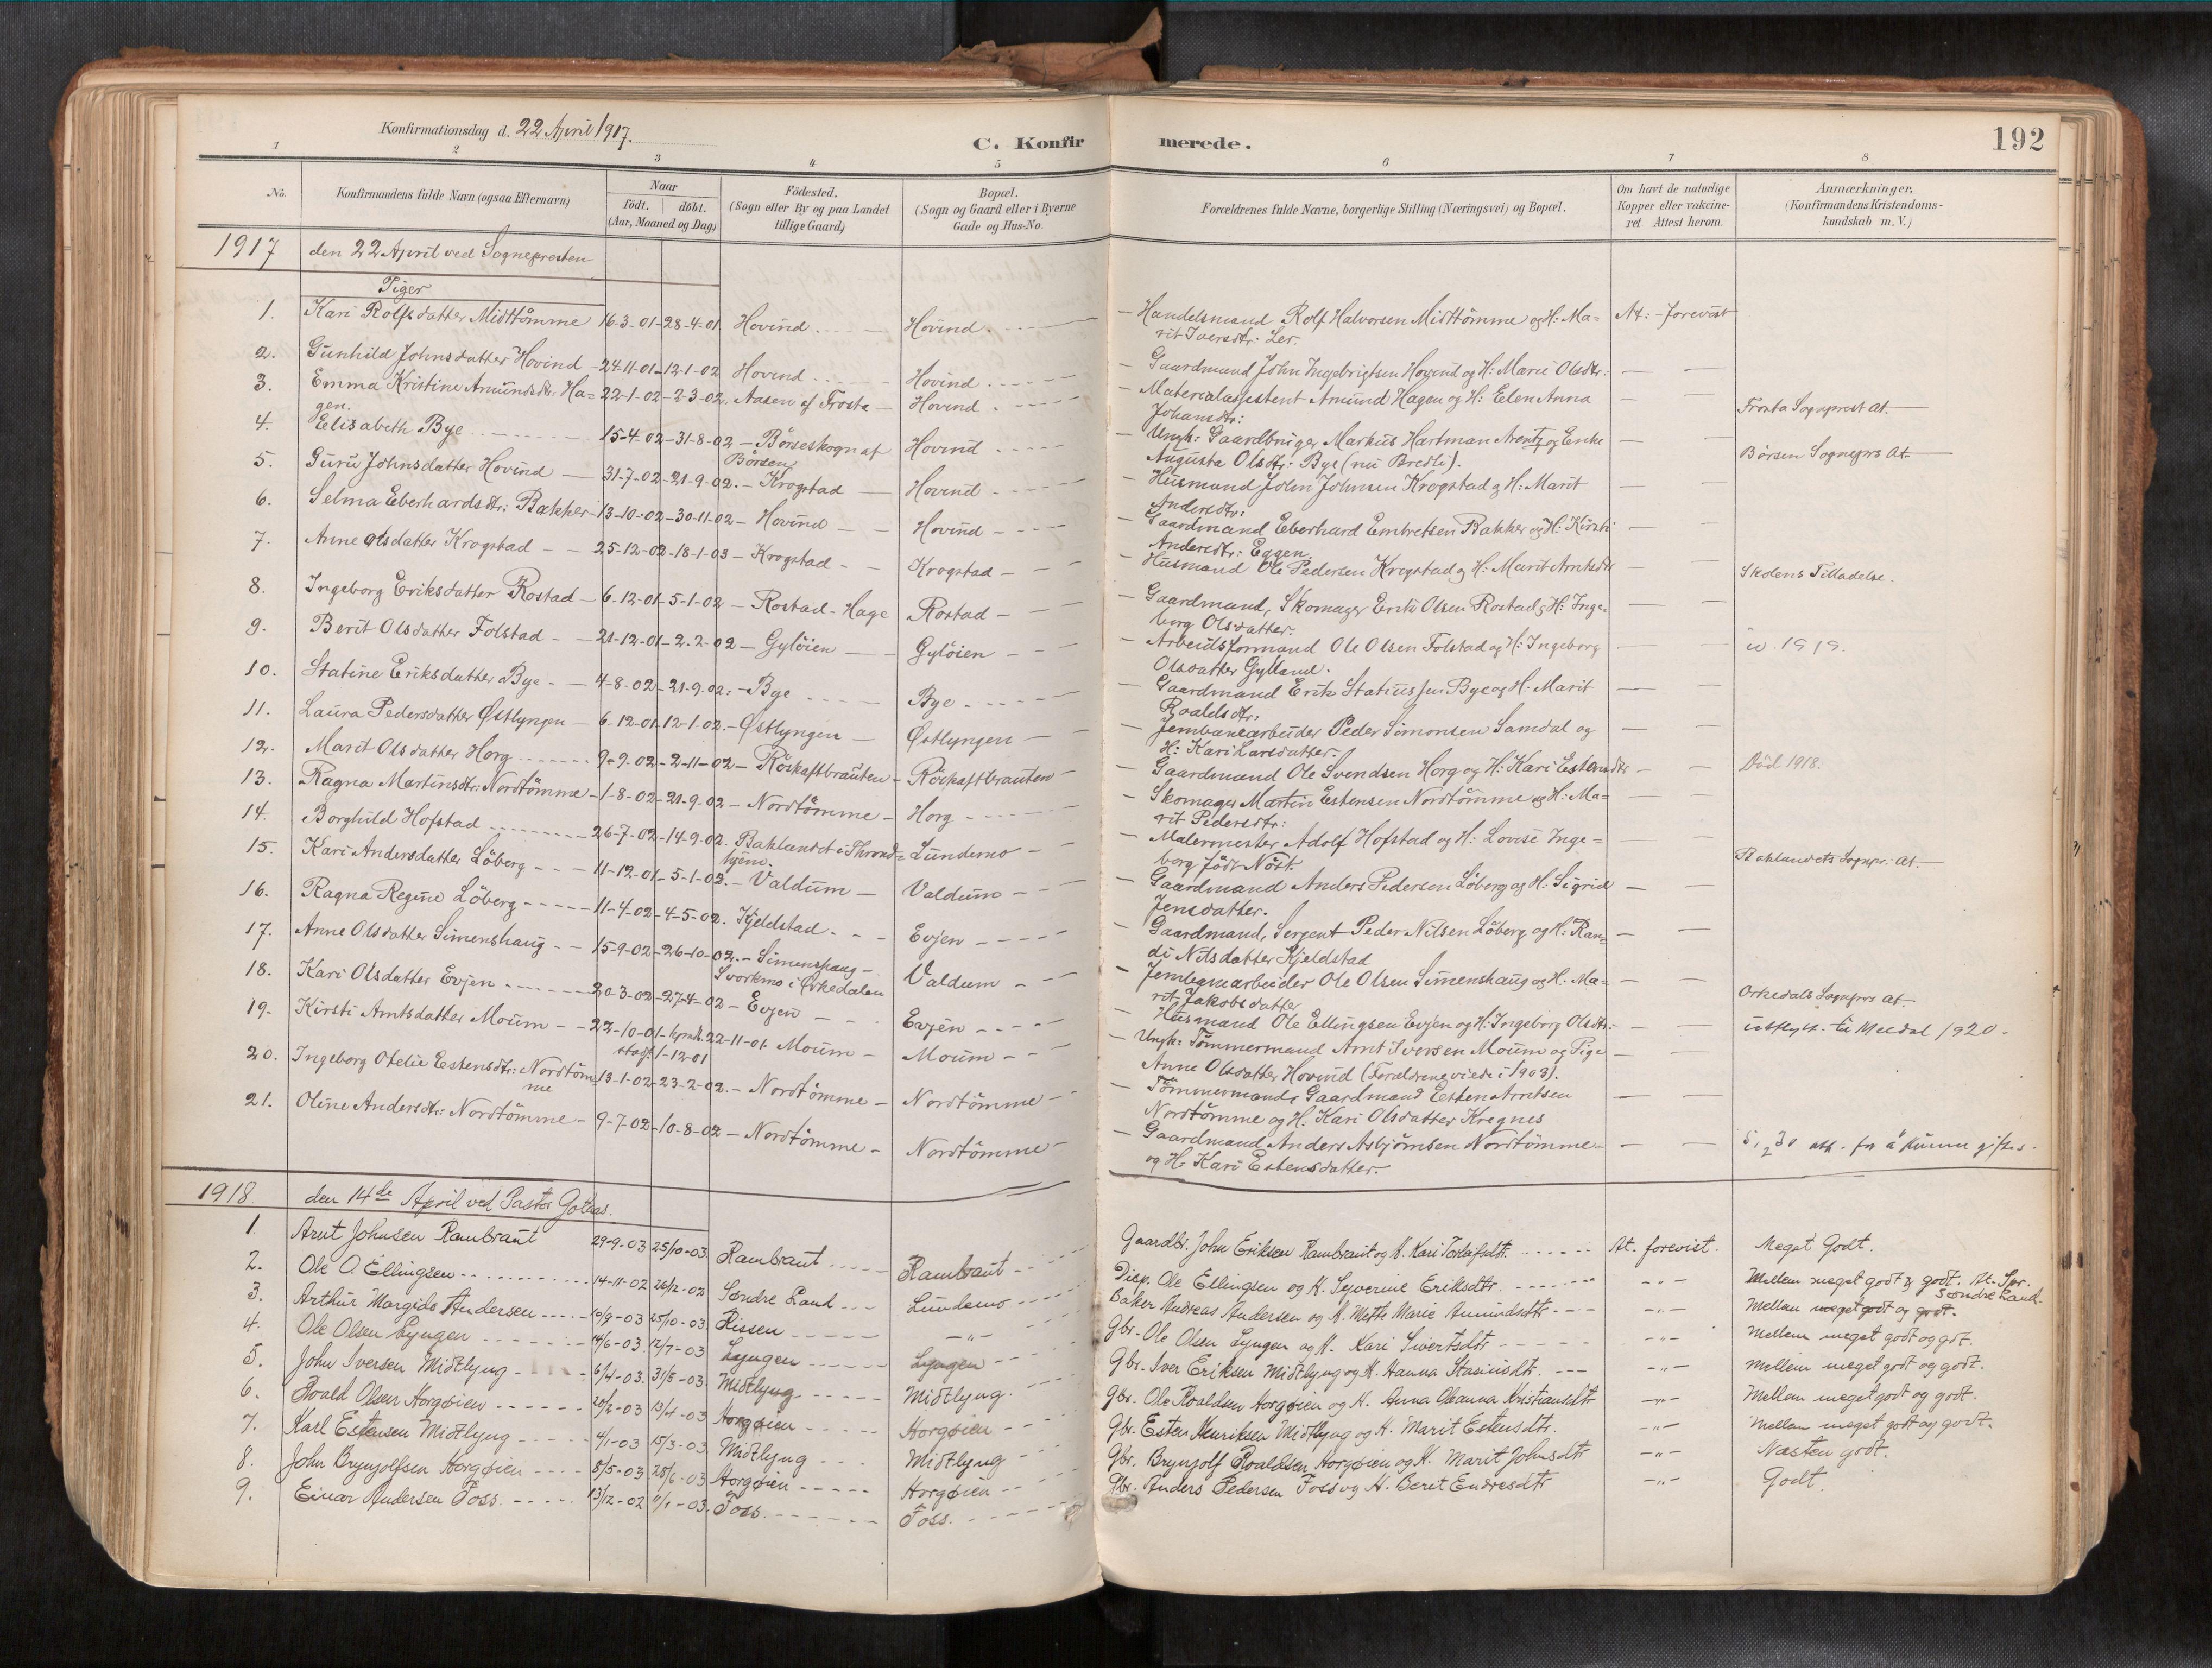 SAT, Ministerialprotokoller, klokkerbøker og fødselsregistre - Sør-Trøndelag, 692/L1105b: Ministerialbok nr. 692A06, 1891-1934, s. 192